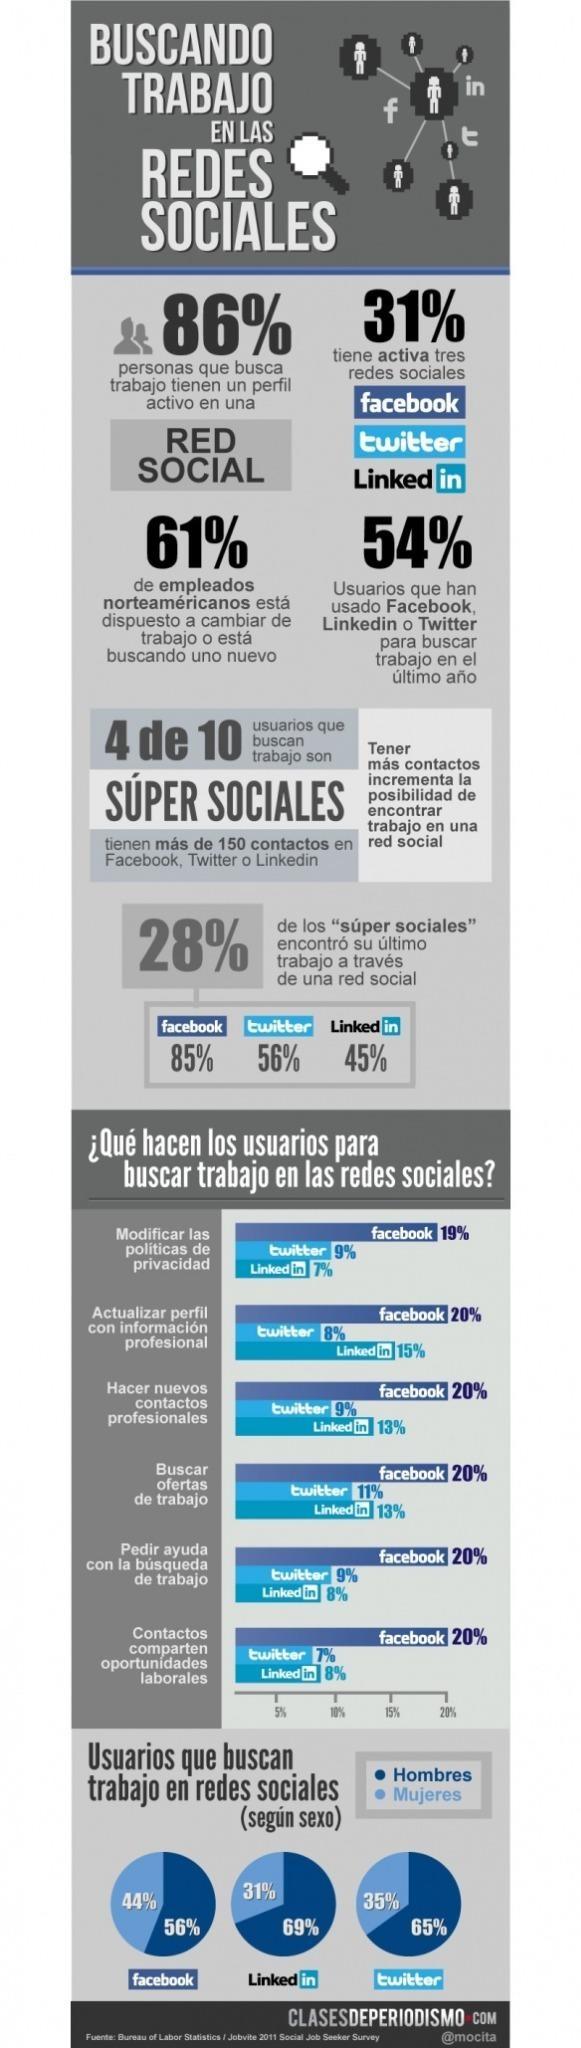 Buscando trabajo en las Redes Sociales